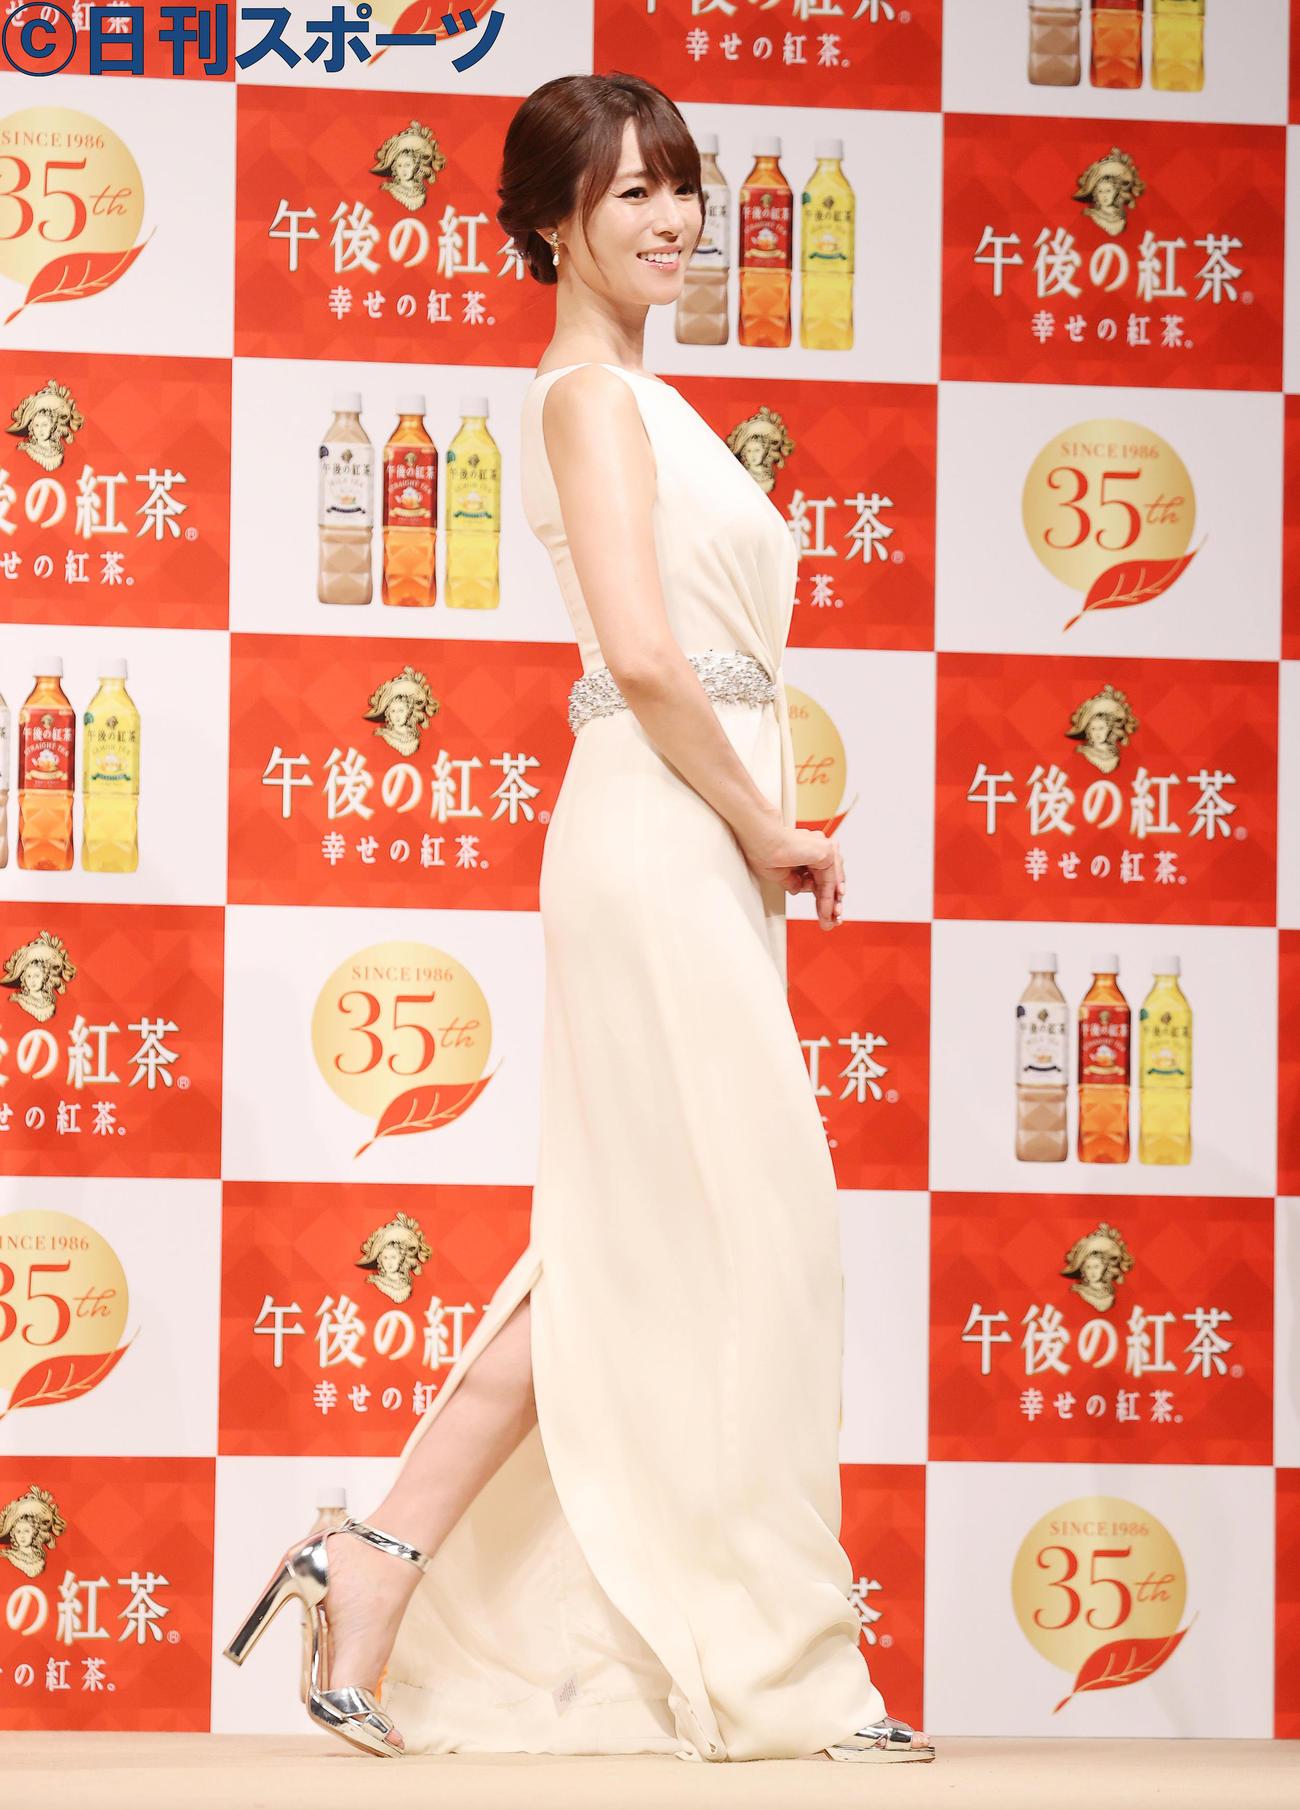 「キリン 午後の紅茶」発売35周年ブランド戦略発表会を行った深田恭子(撮影・垰建太)